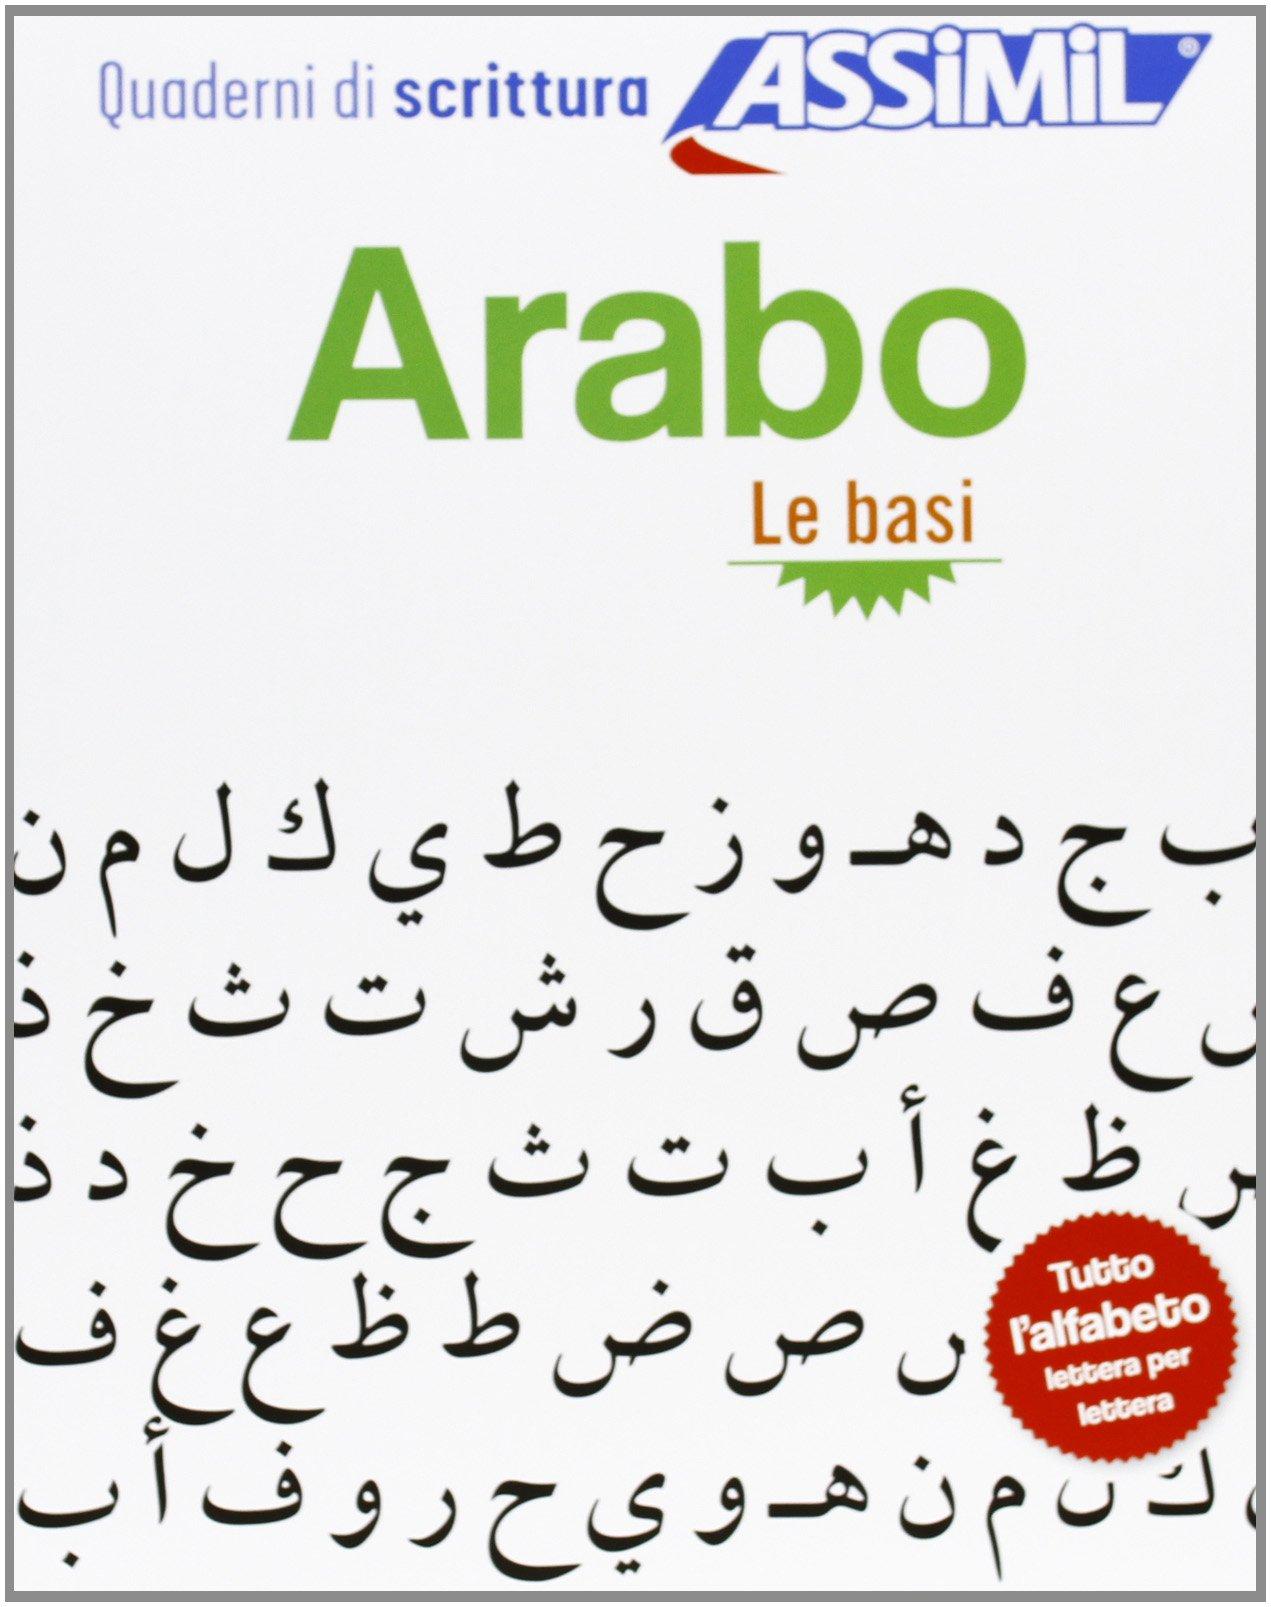 arabo quaderno di scrittura